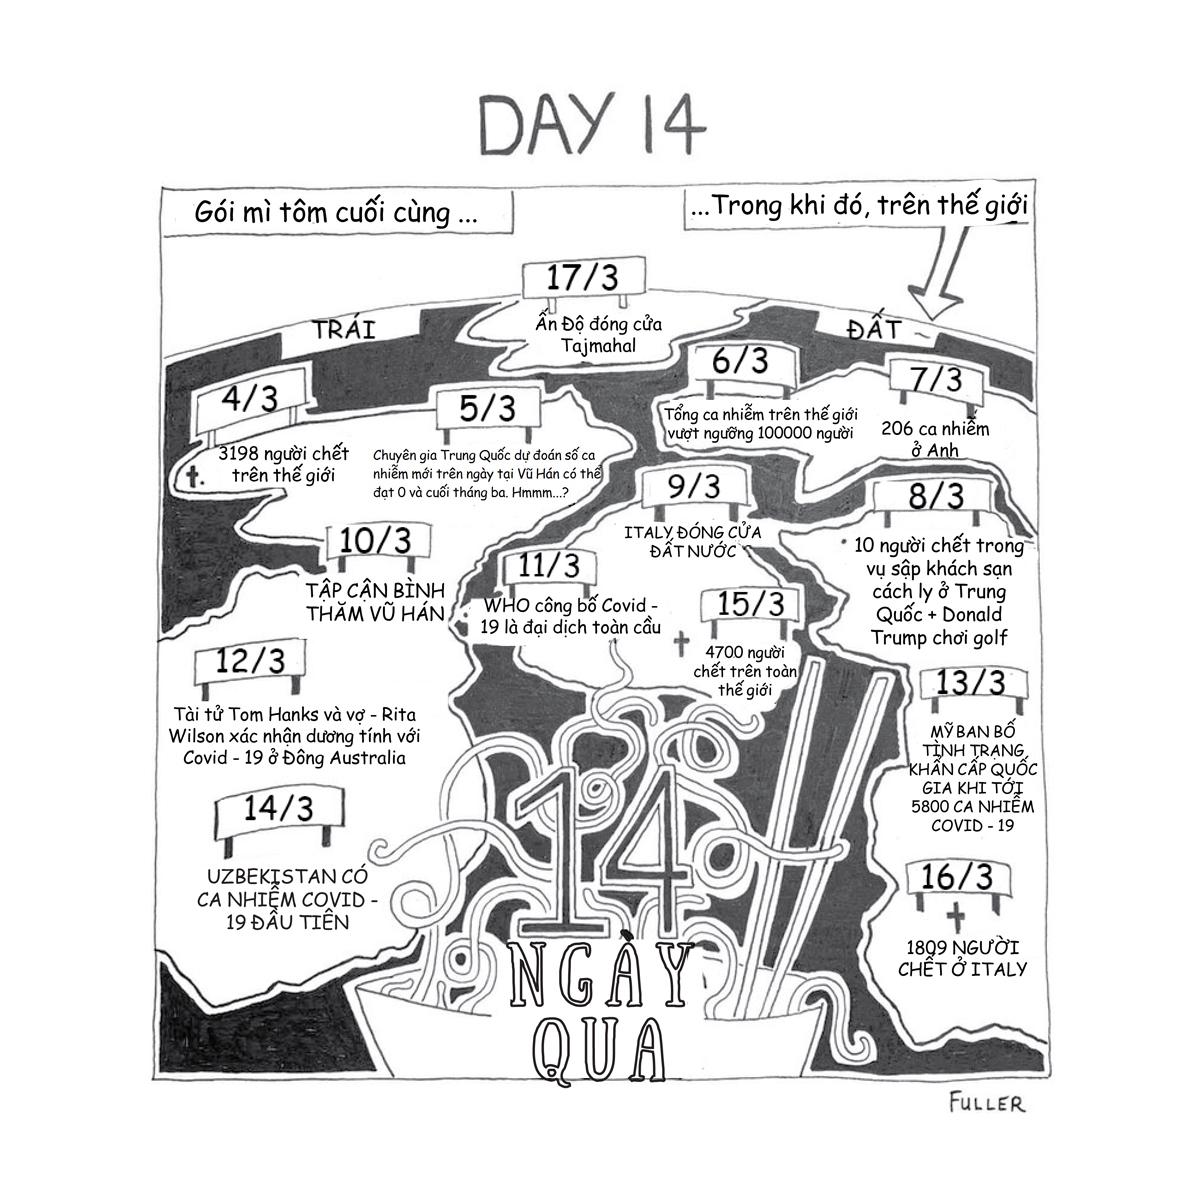 Ngày cuối cùng, Fuller vẽ bản đồtình hình dịch bệnh thế giới trong 14 ngày anh bị cách ly (từ ngày 3/3 – 17/3).